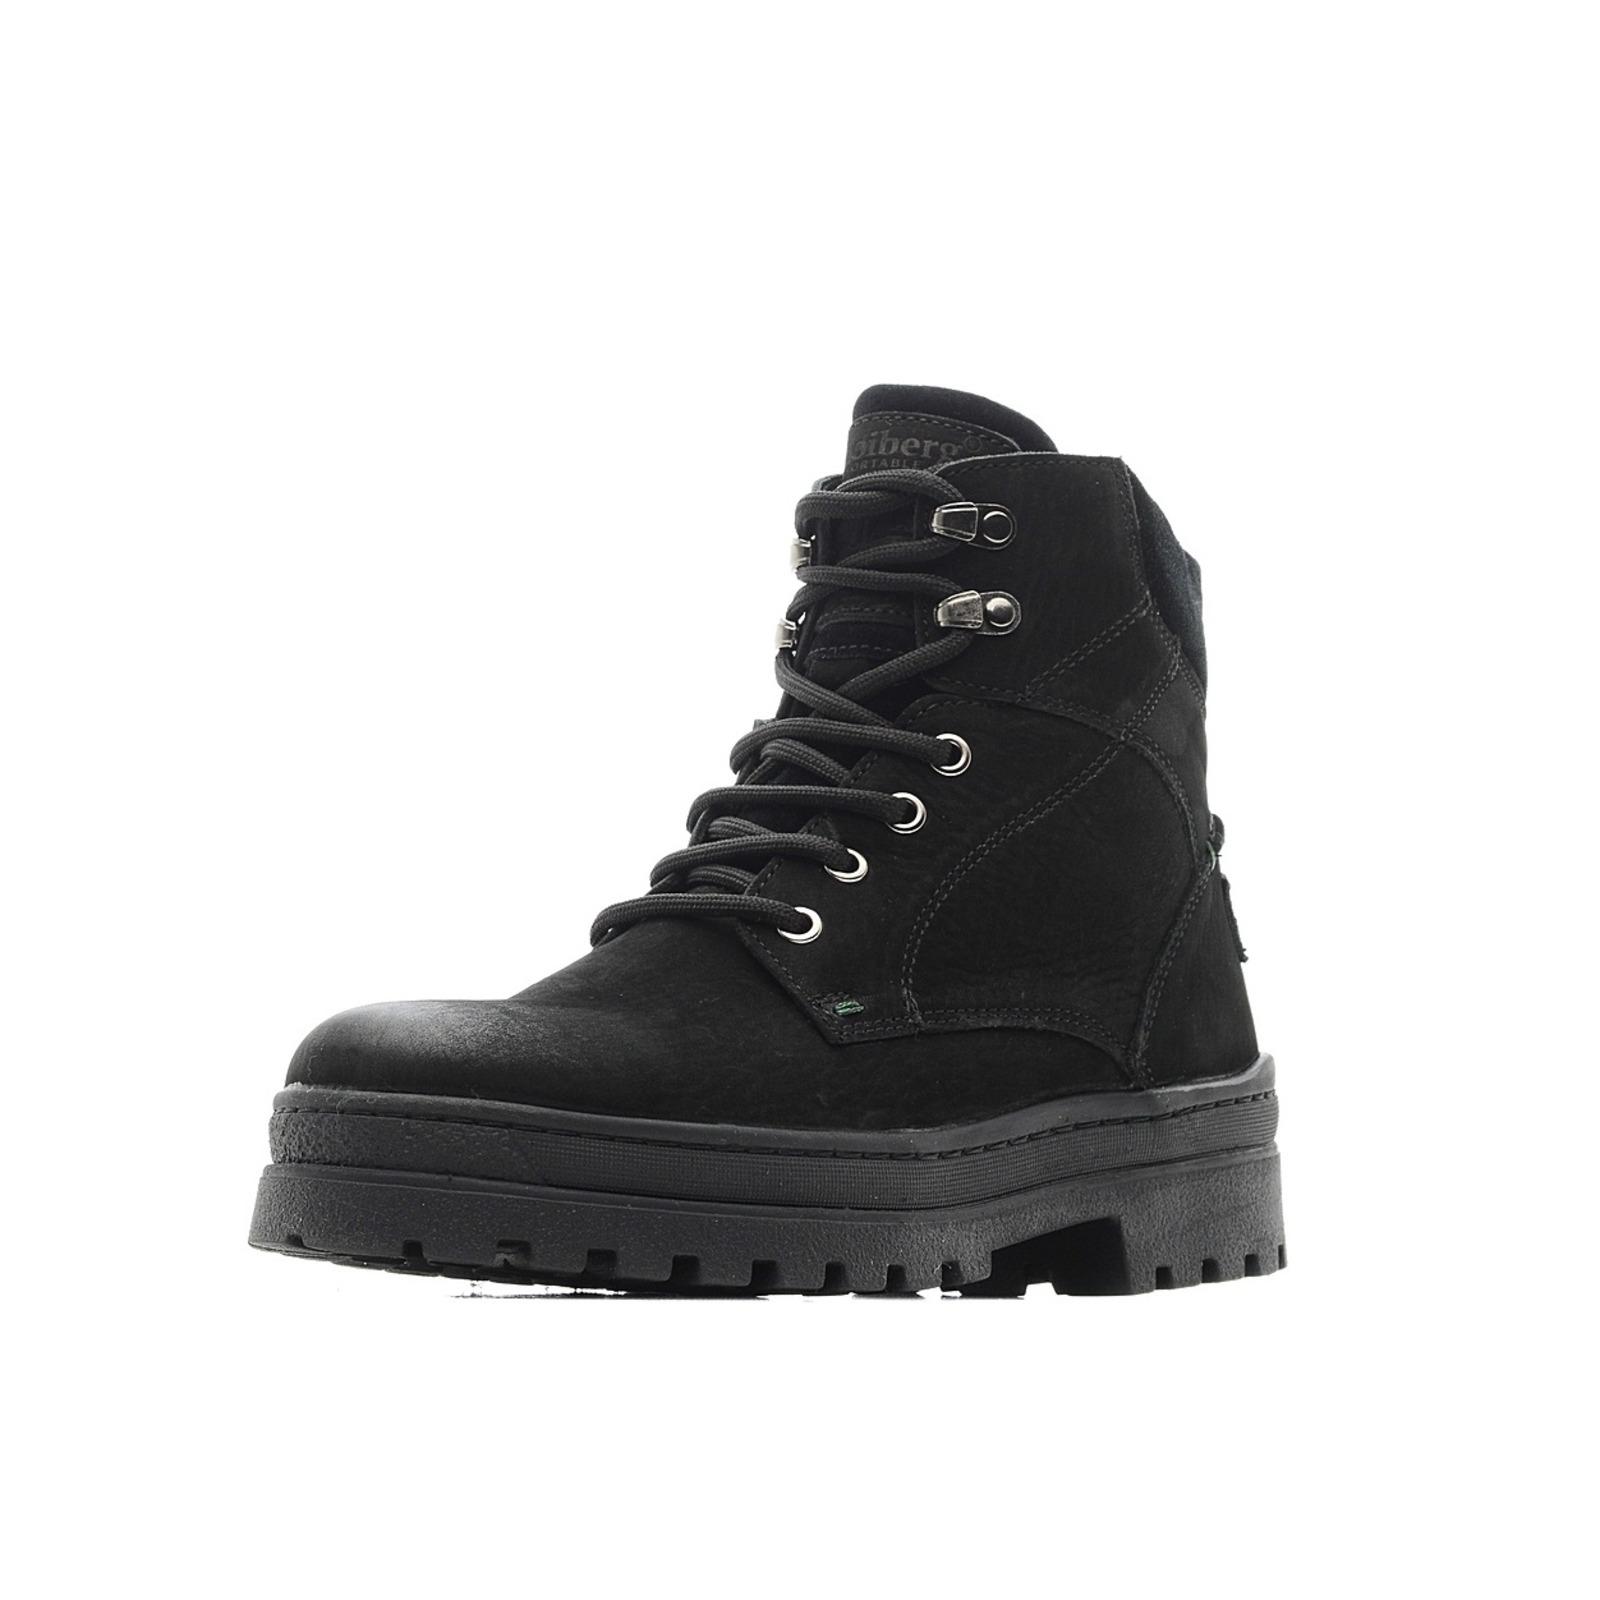 Высокие зимние ботинки на толстой подошве